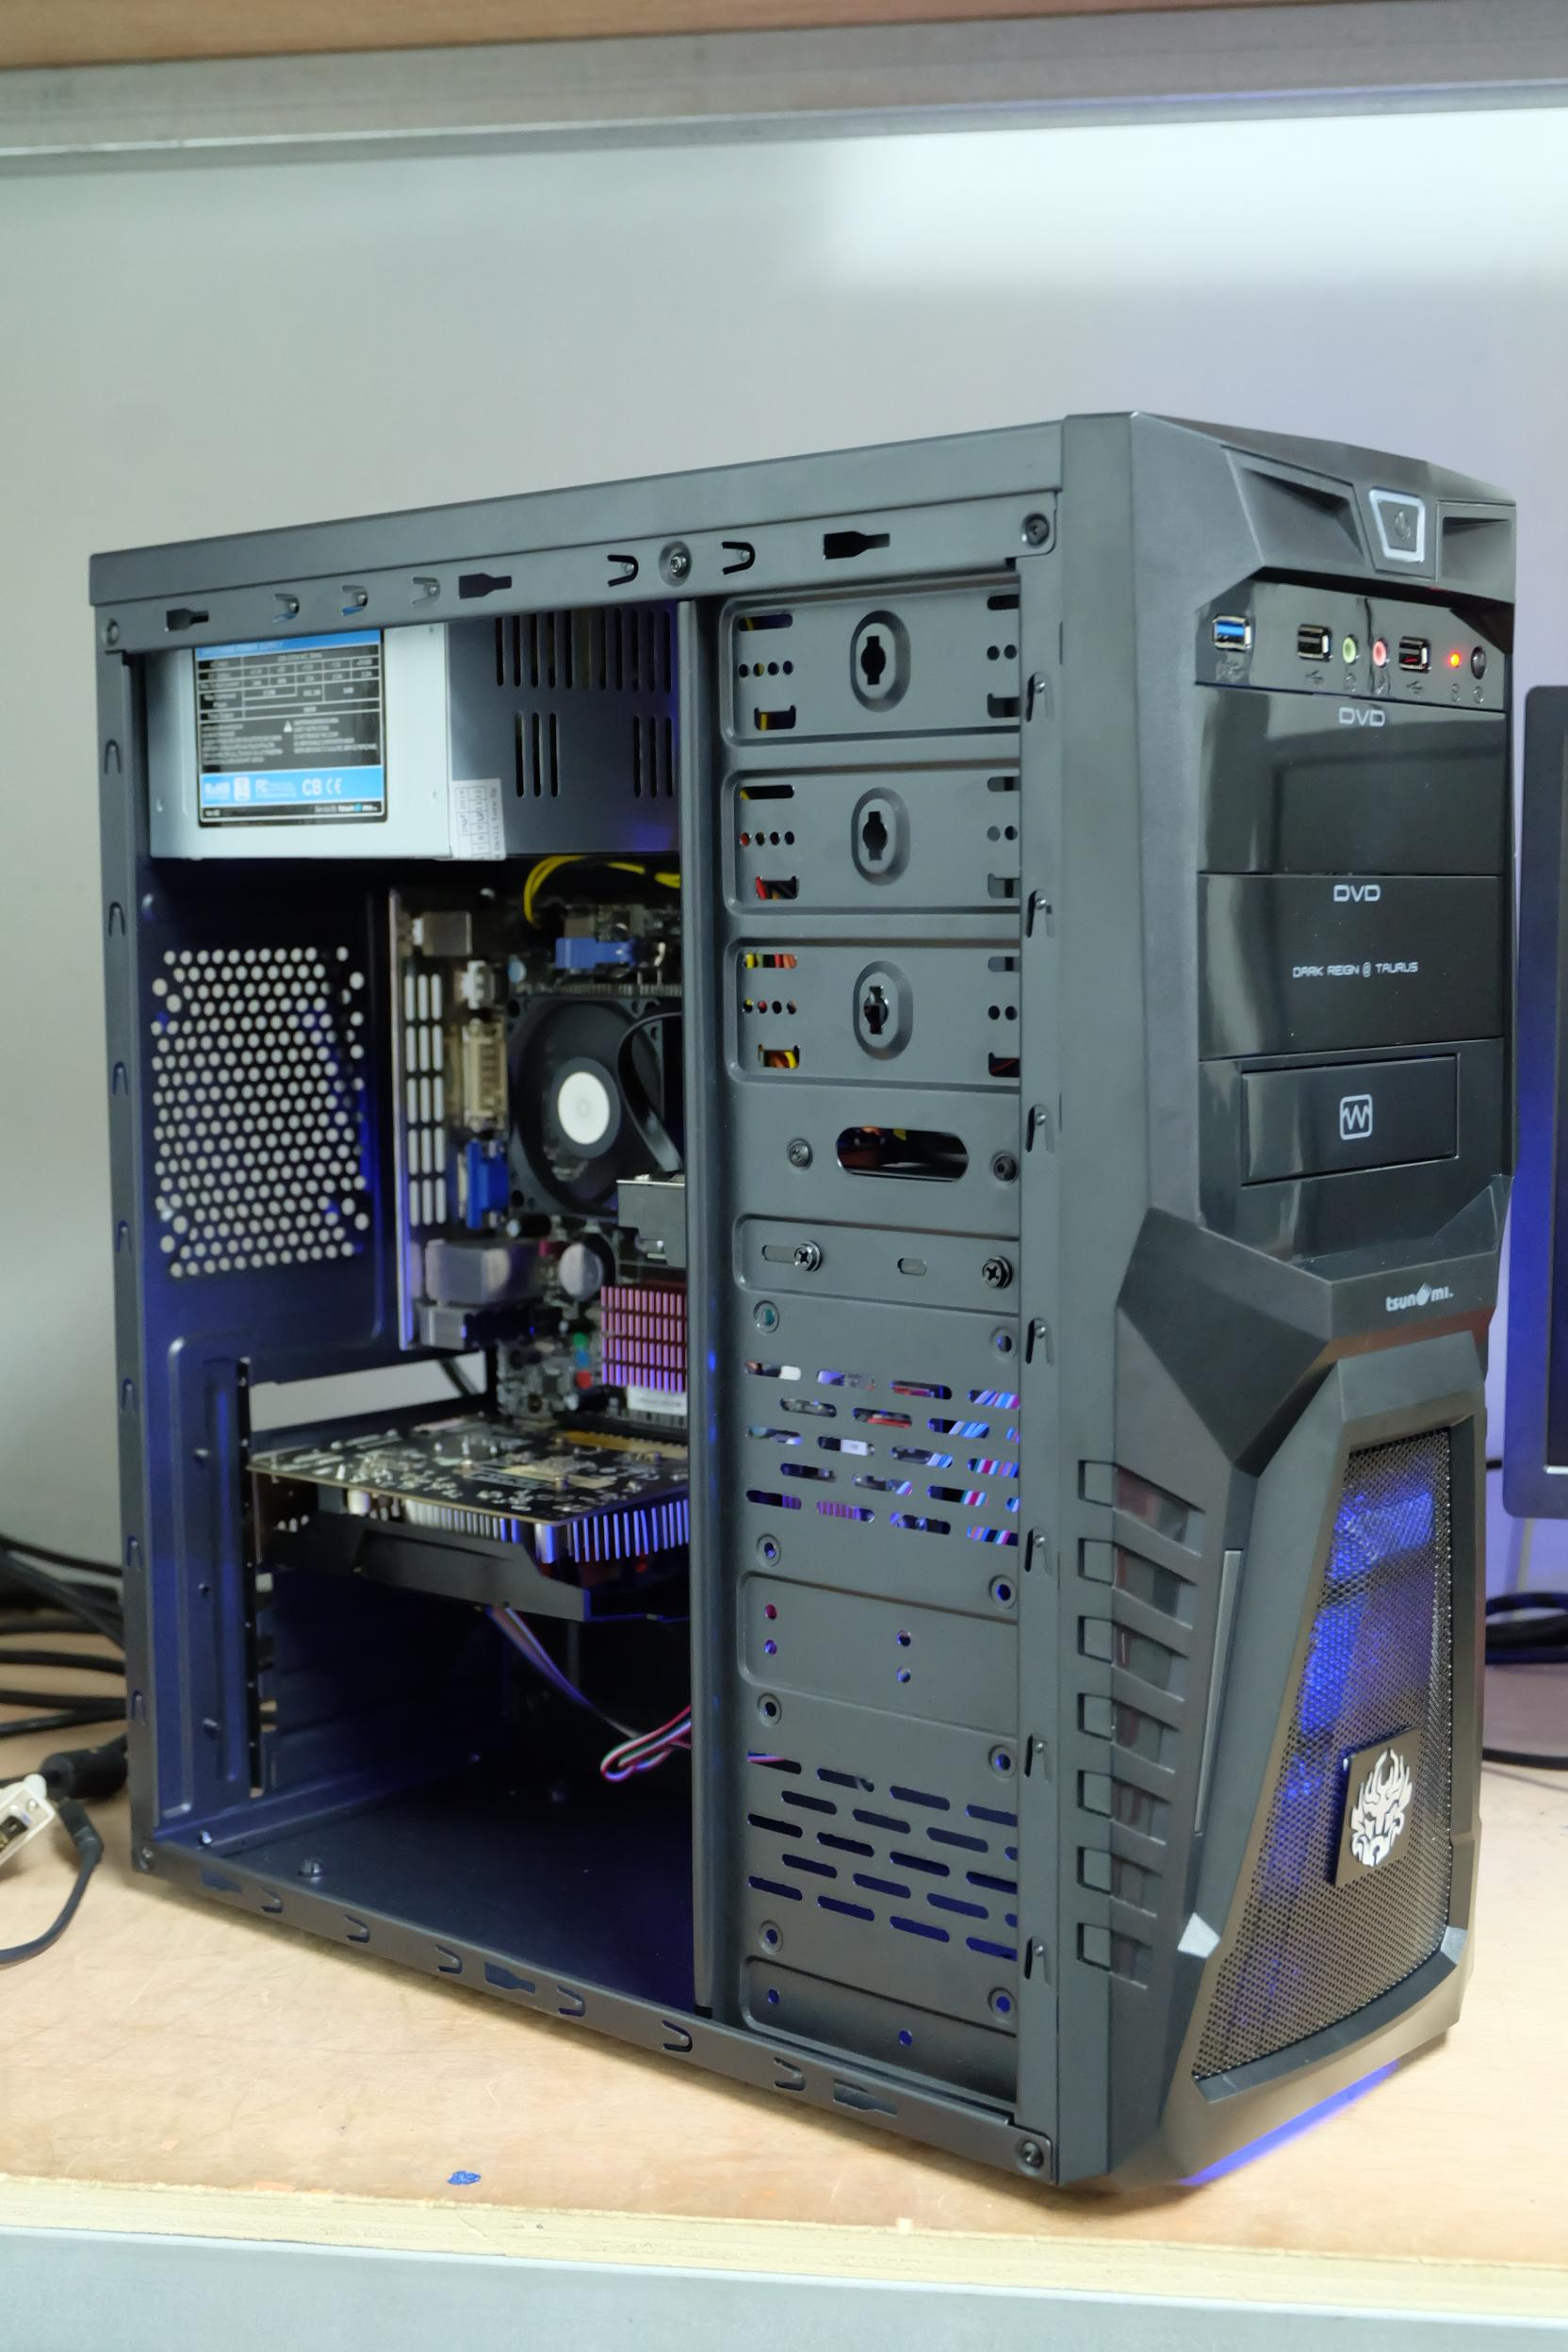 Athlon II X3 450 3.2Ghz / 4GB / GTX 650 1GB / 80 GB